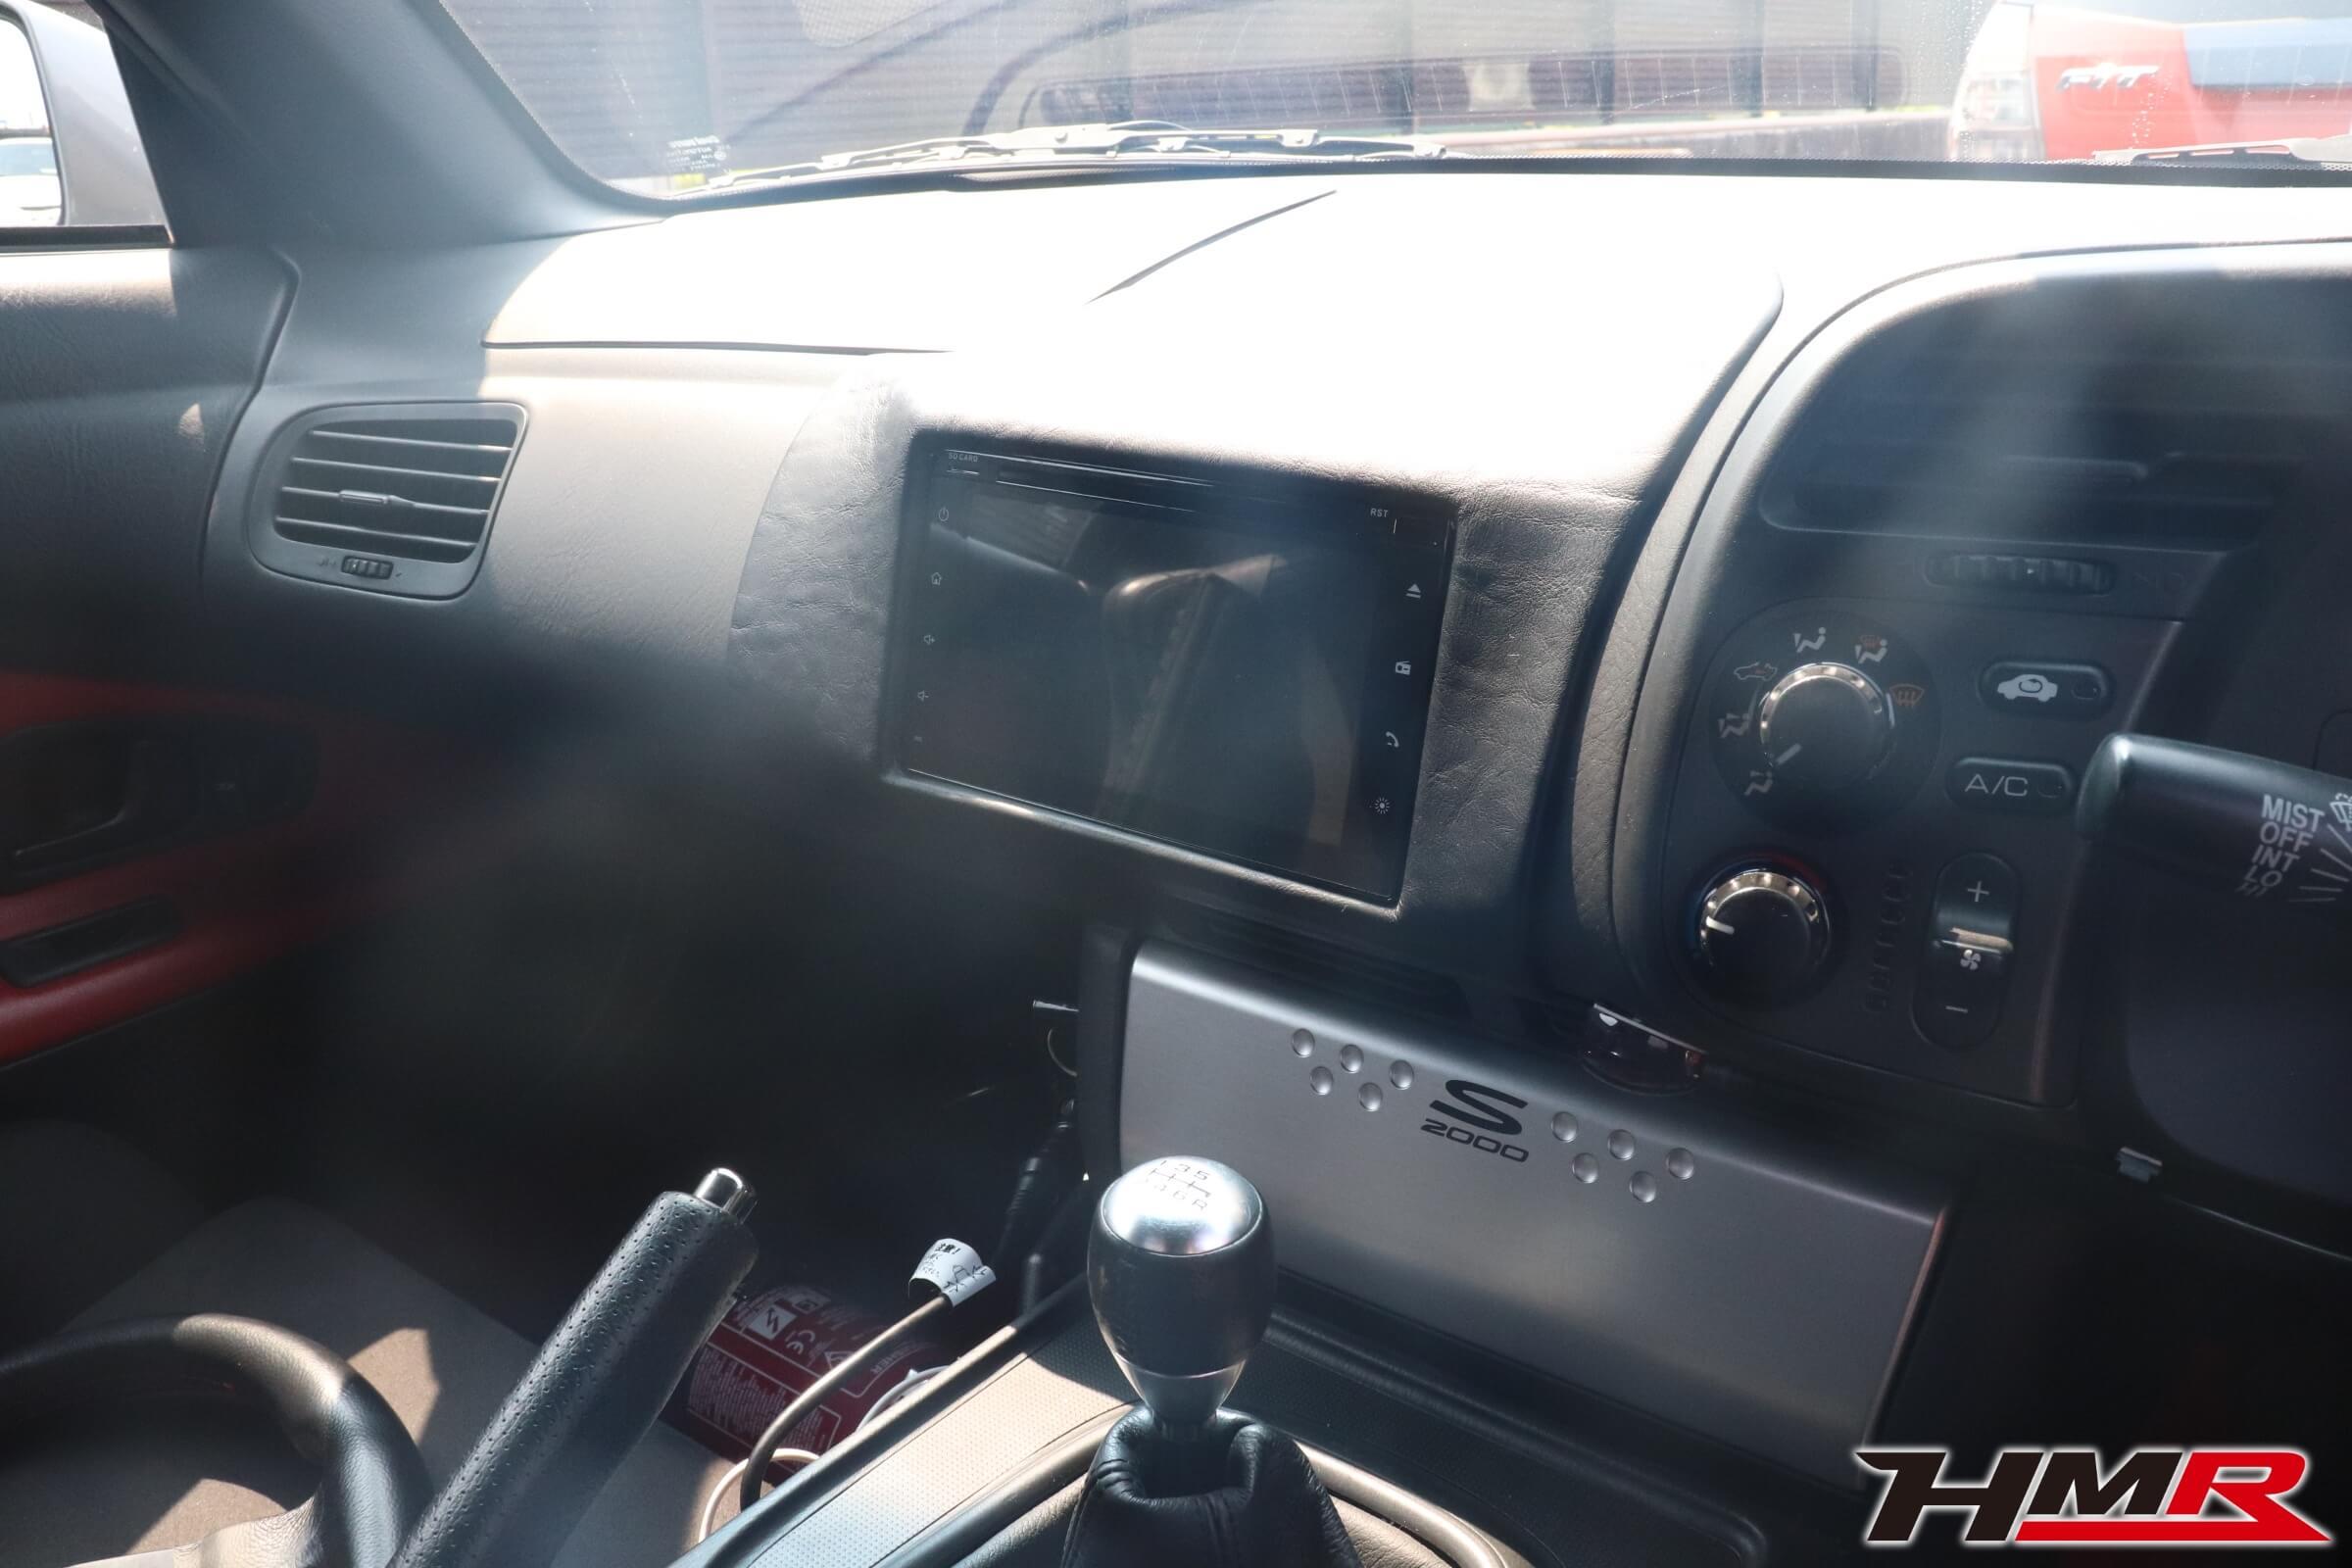 S2000ダッシュボード2DINモニター